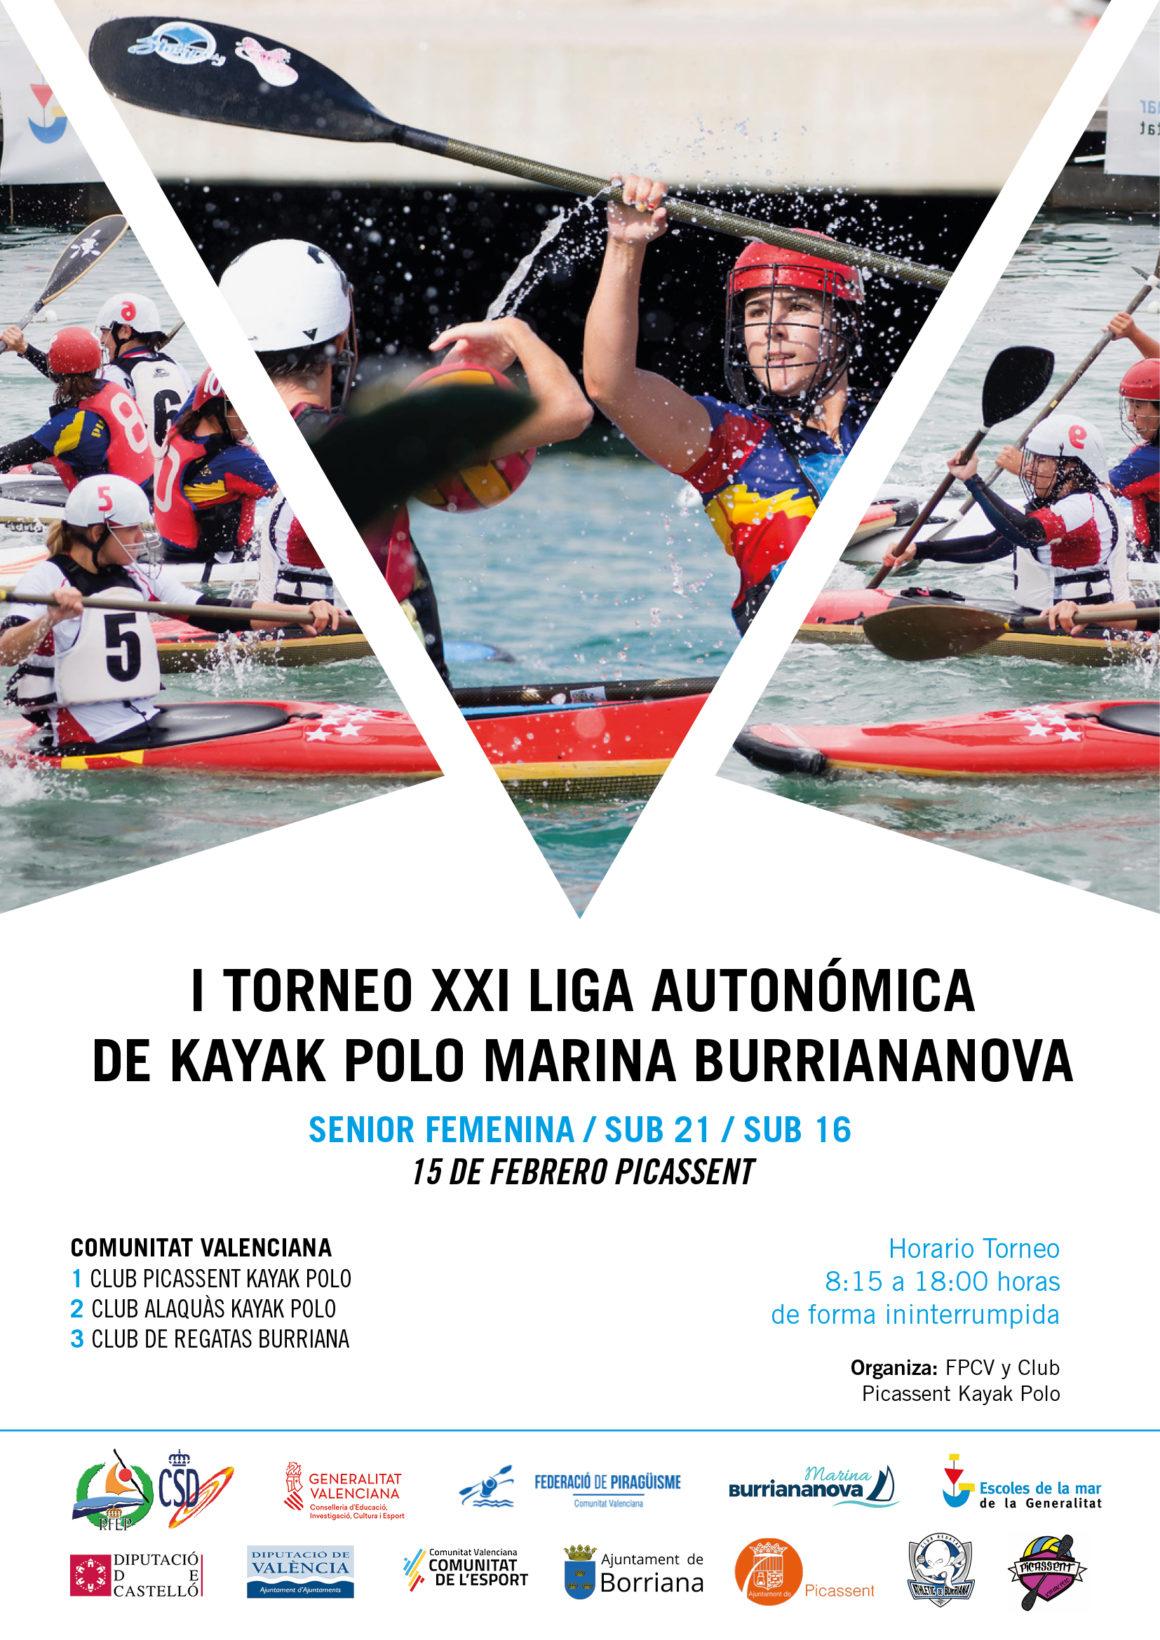 Torn per a les categories sènior femení, sub-21 i sub-16 en l'I Torneig XXI Lliga Autonòmica de caiac pol